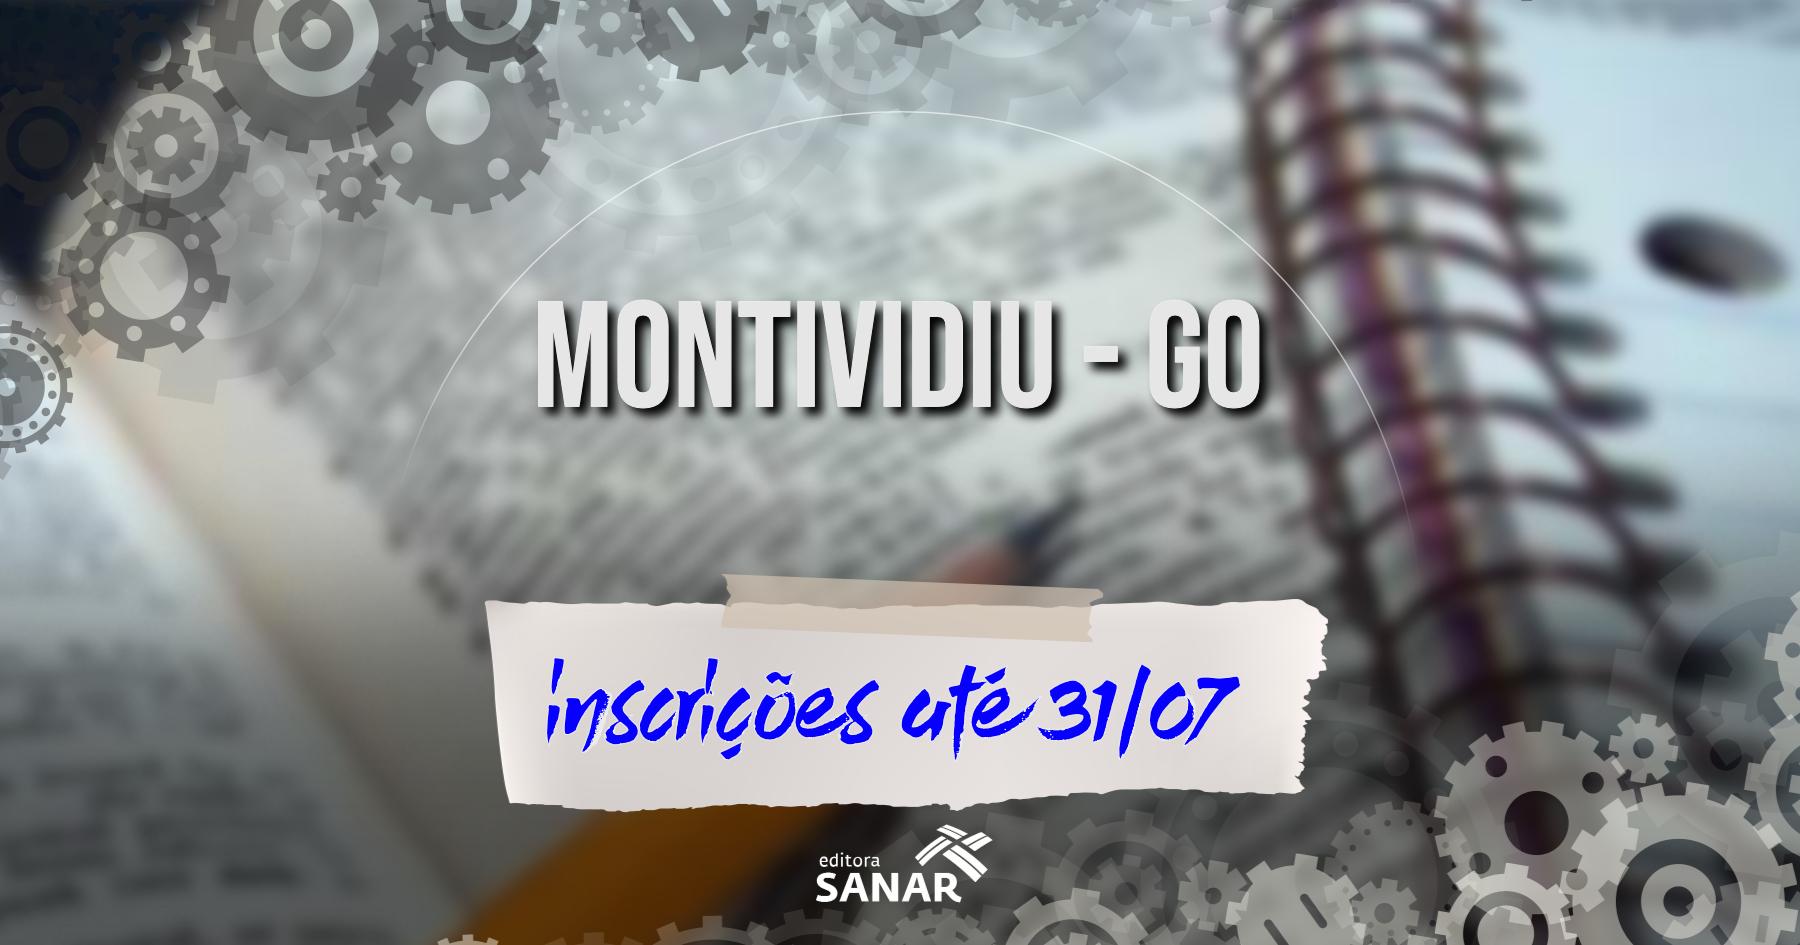 Seleção   Montividiu (GO) está com inscrições abertas